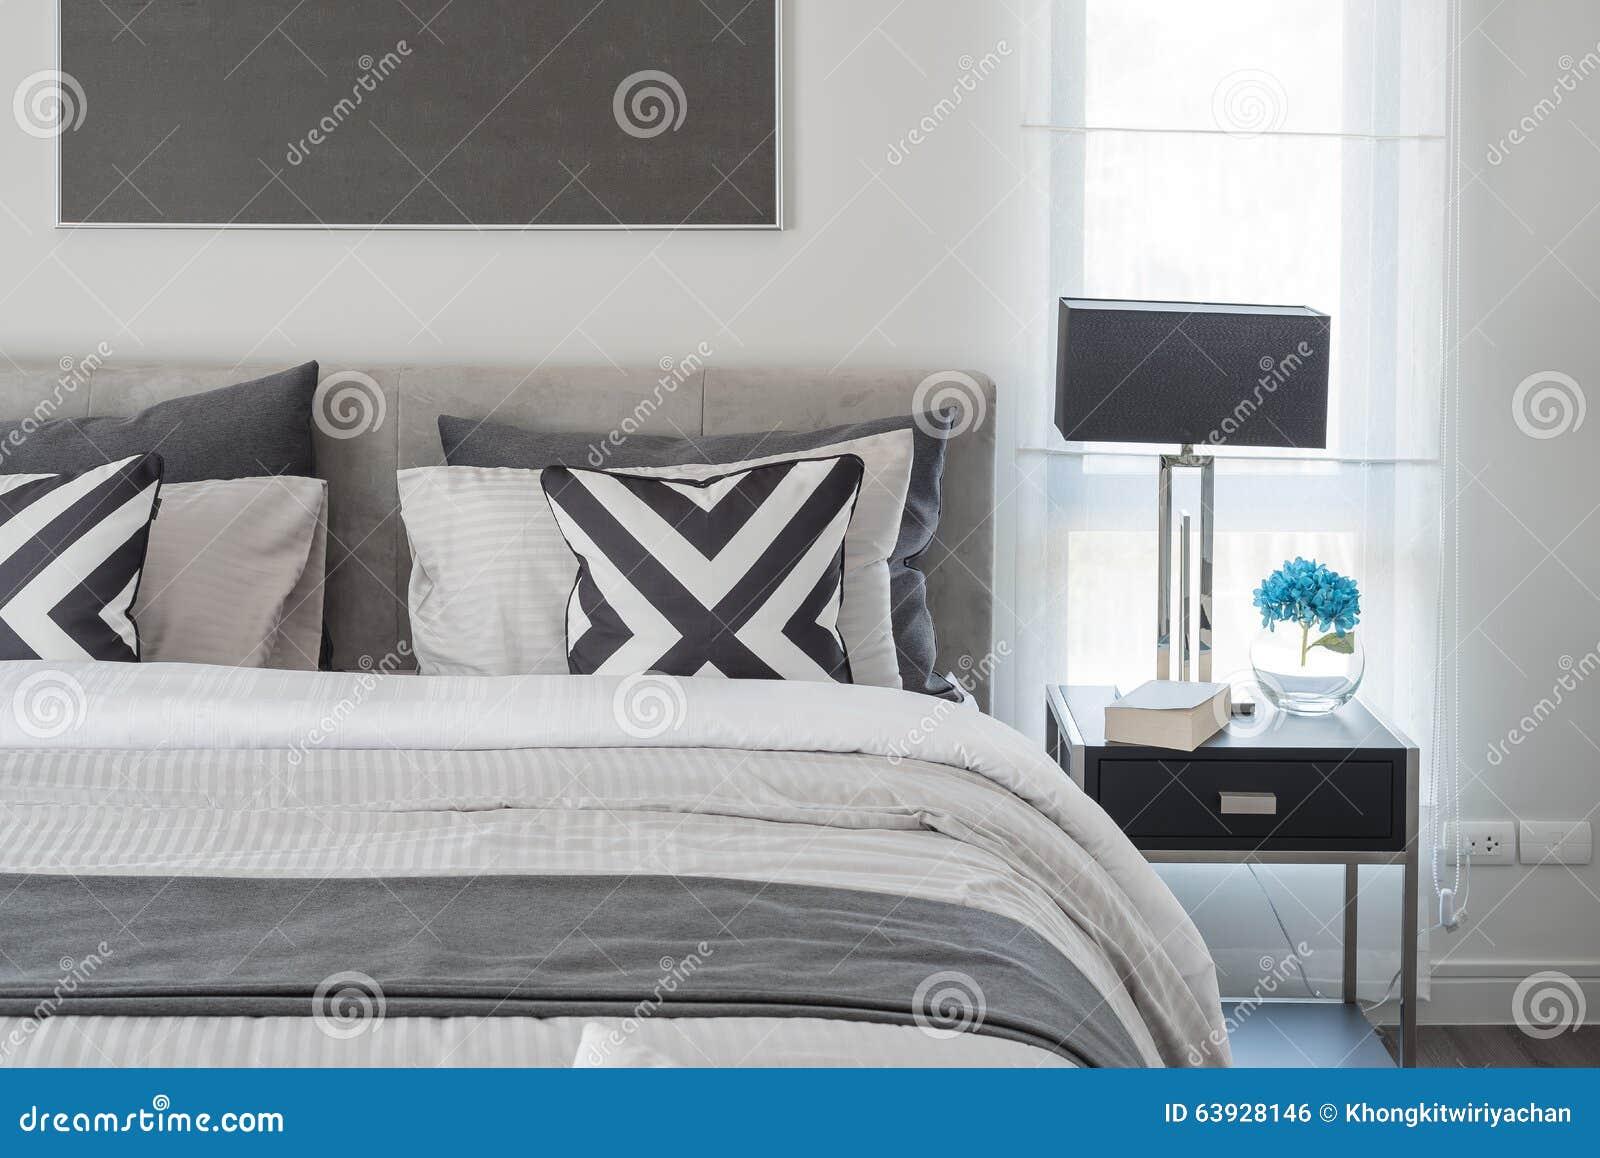 Lampadario design moderno camera da letto - Lampadario da camera da letto ...